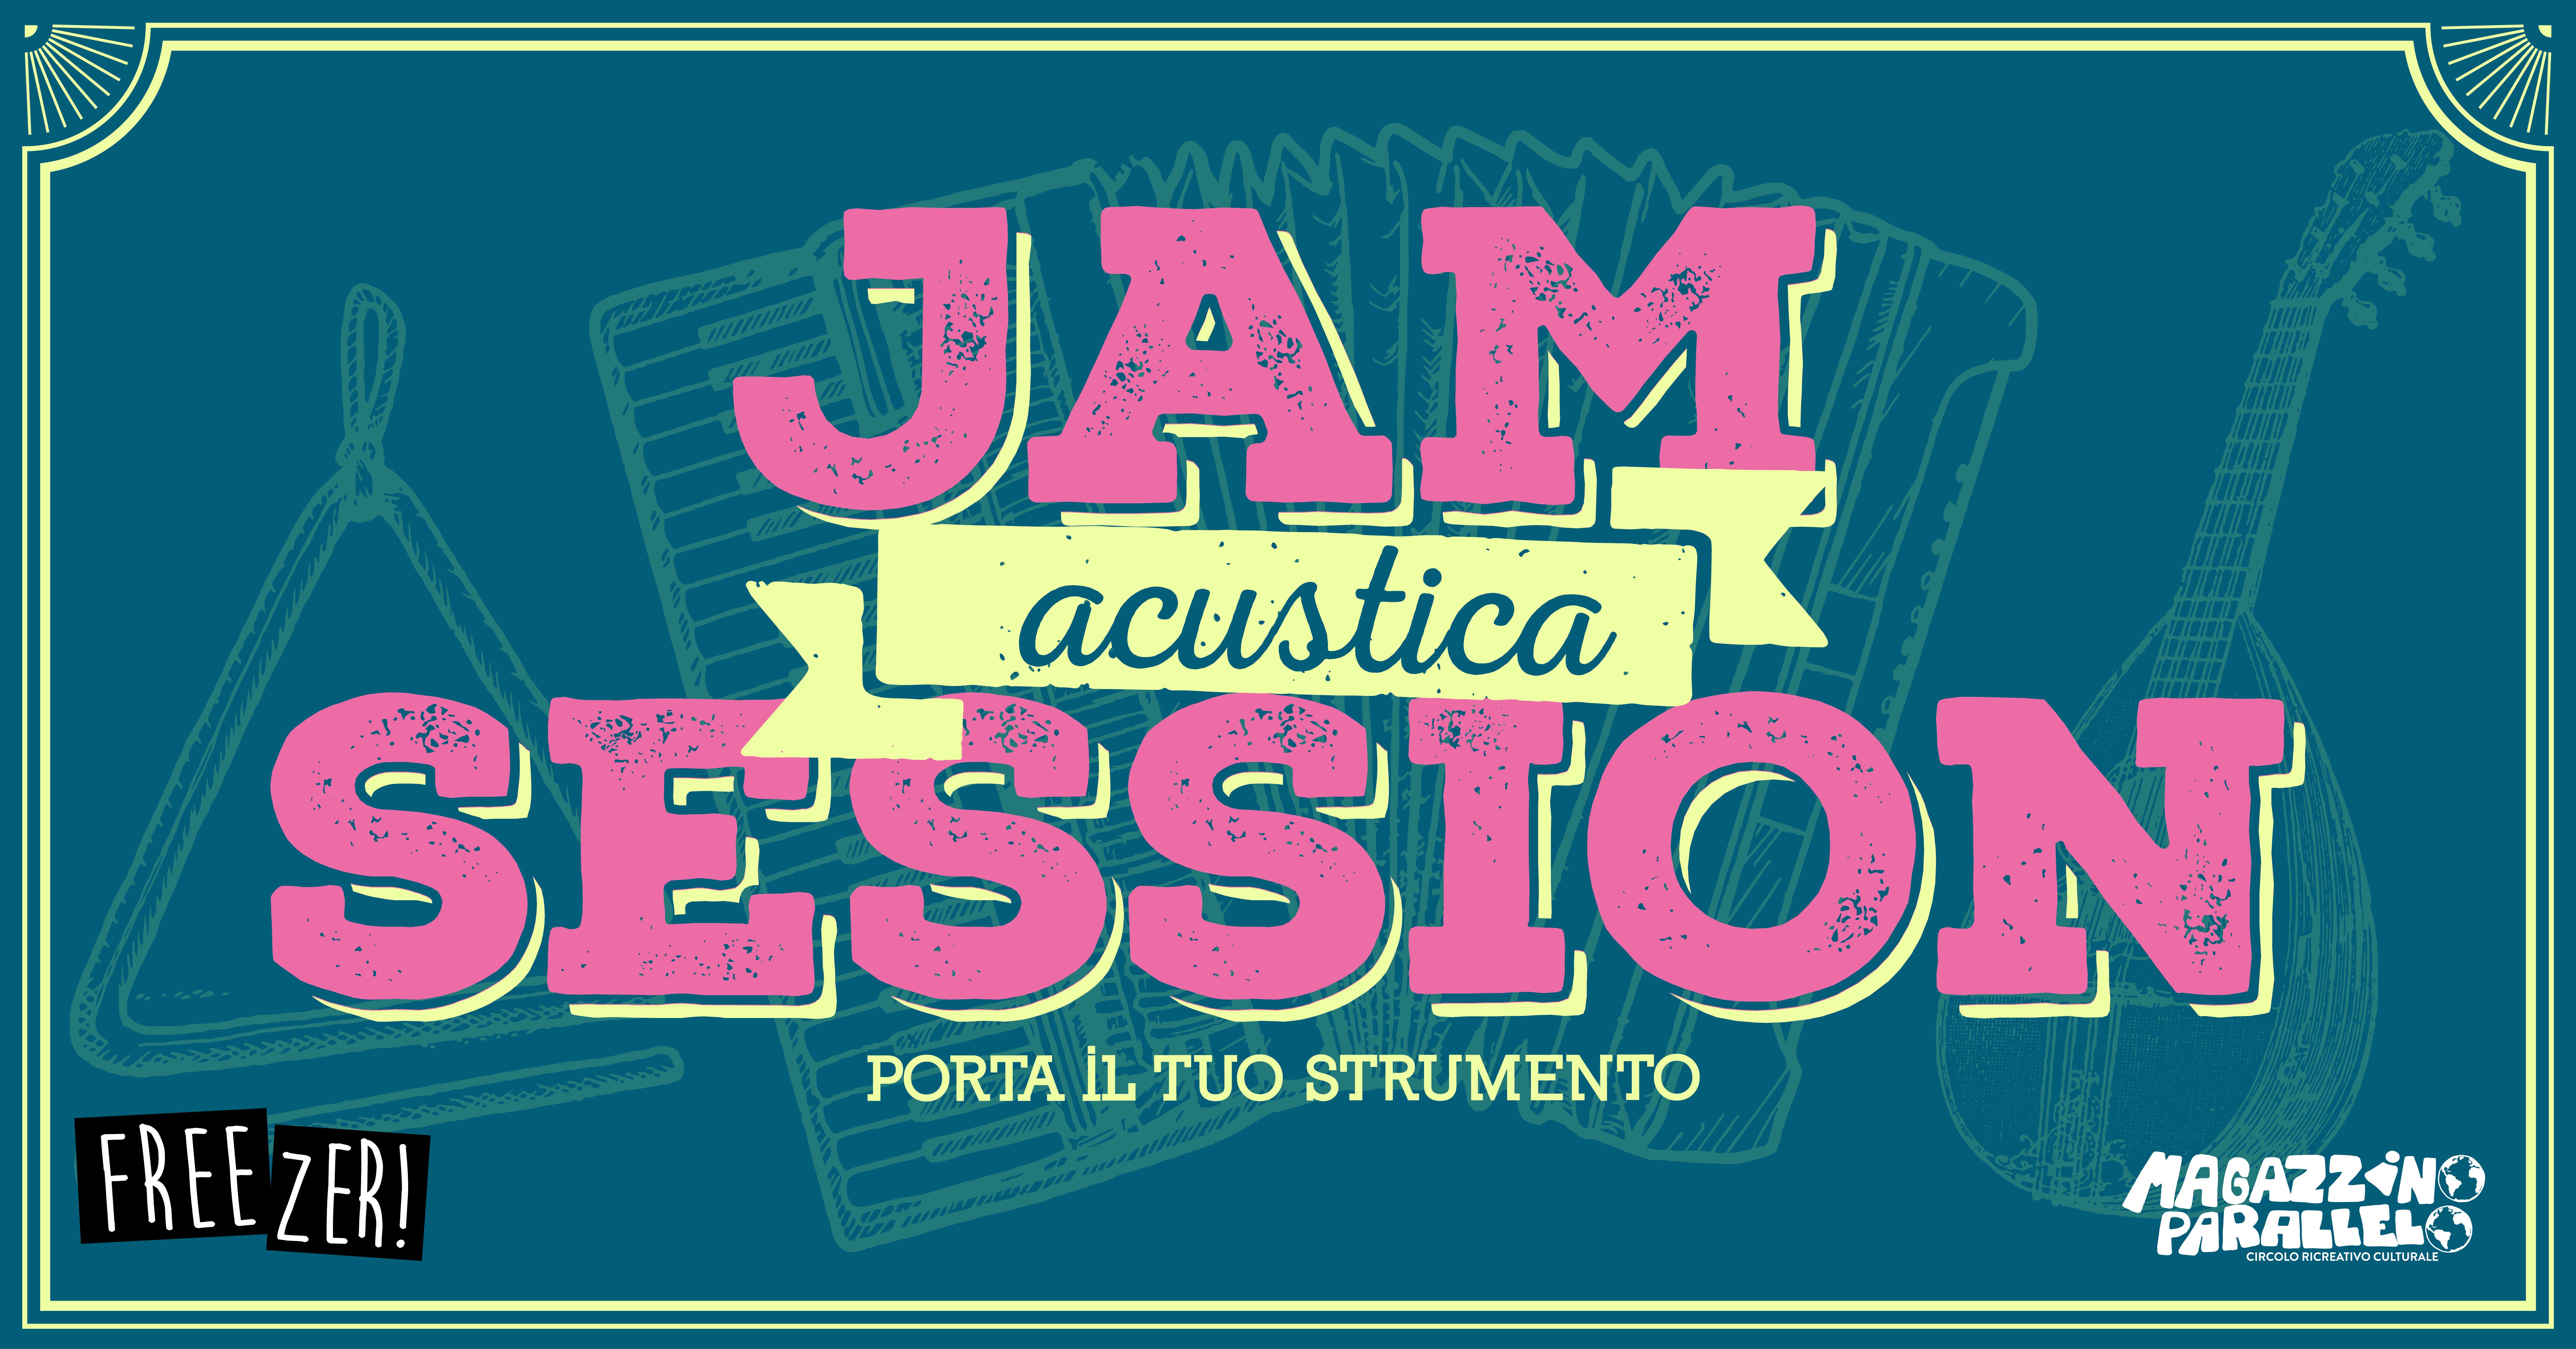 Jam Session Acustica / at Freezer!